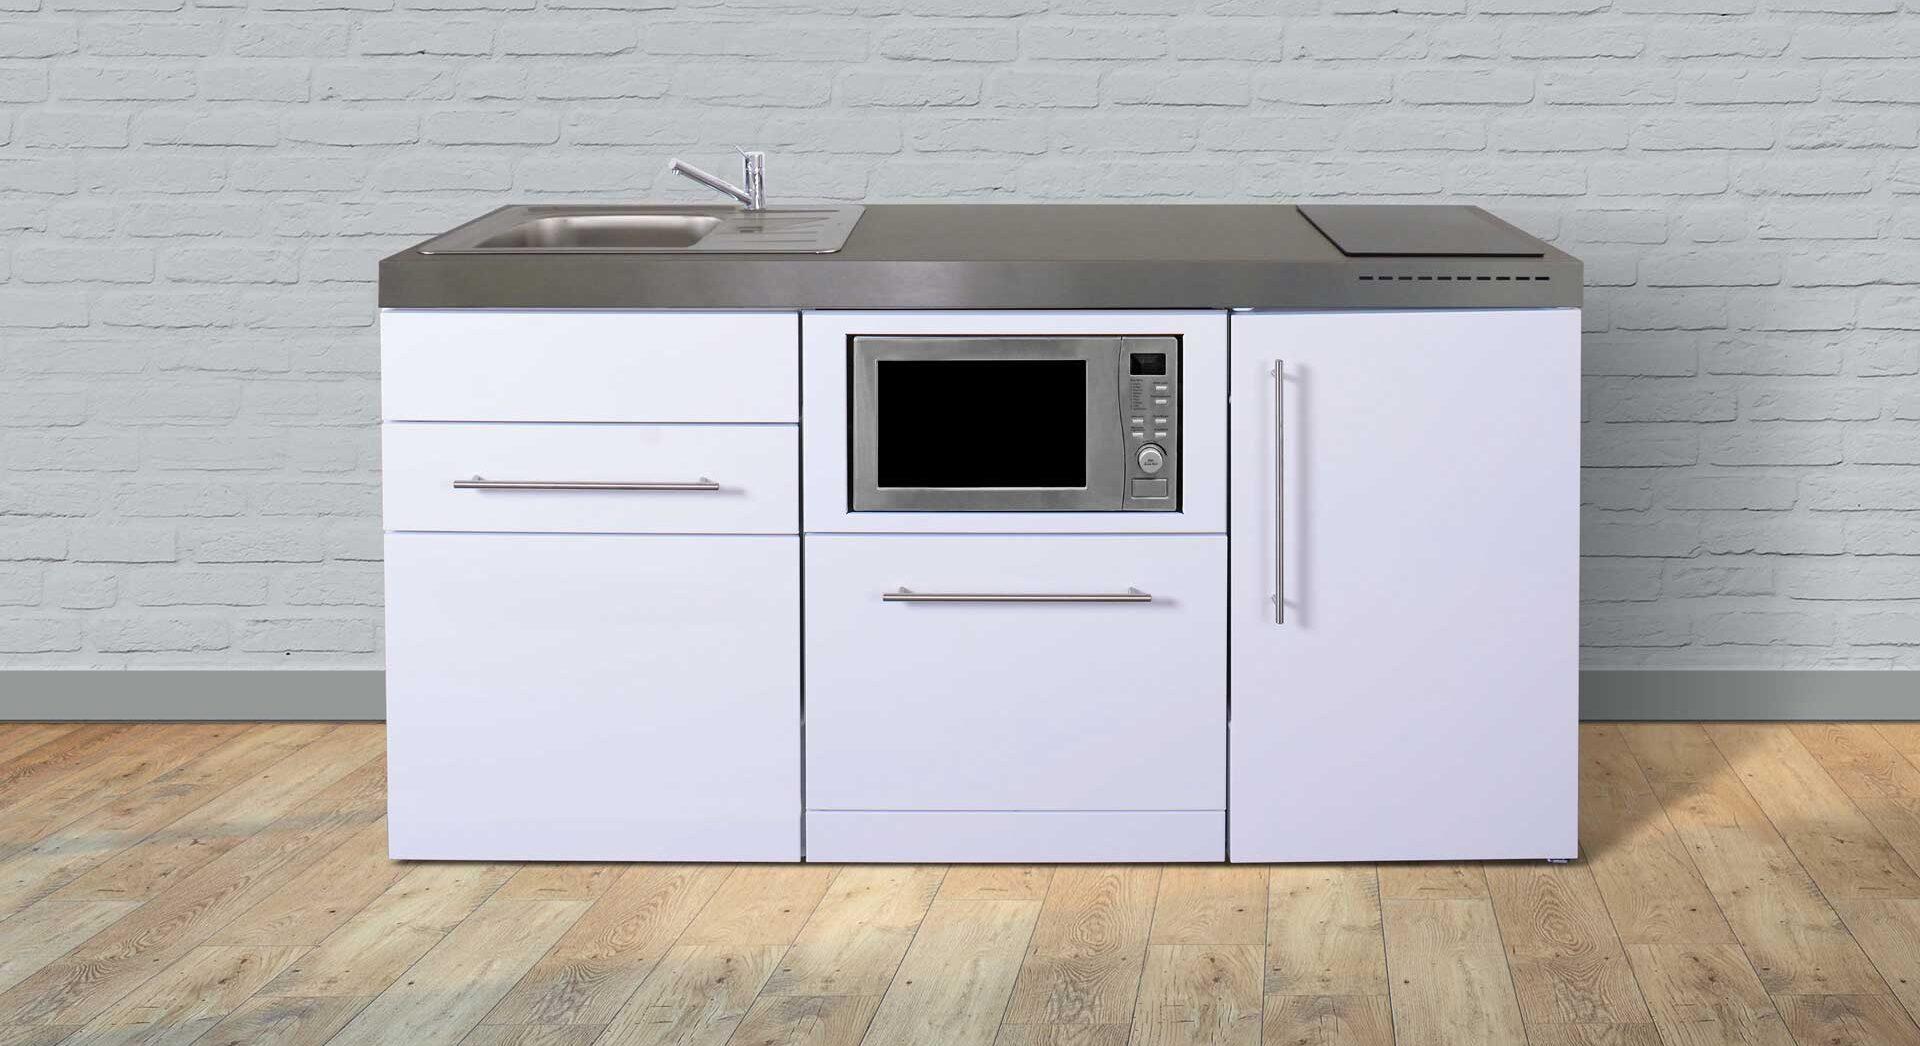 MPGSM 170 minikøkken i rustfrit stål - vælg mellem 8 elegante farver. Inkl. køleskab, fryser, mikroovn, opvaskemaskine, induktionskogeplader etc.